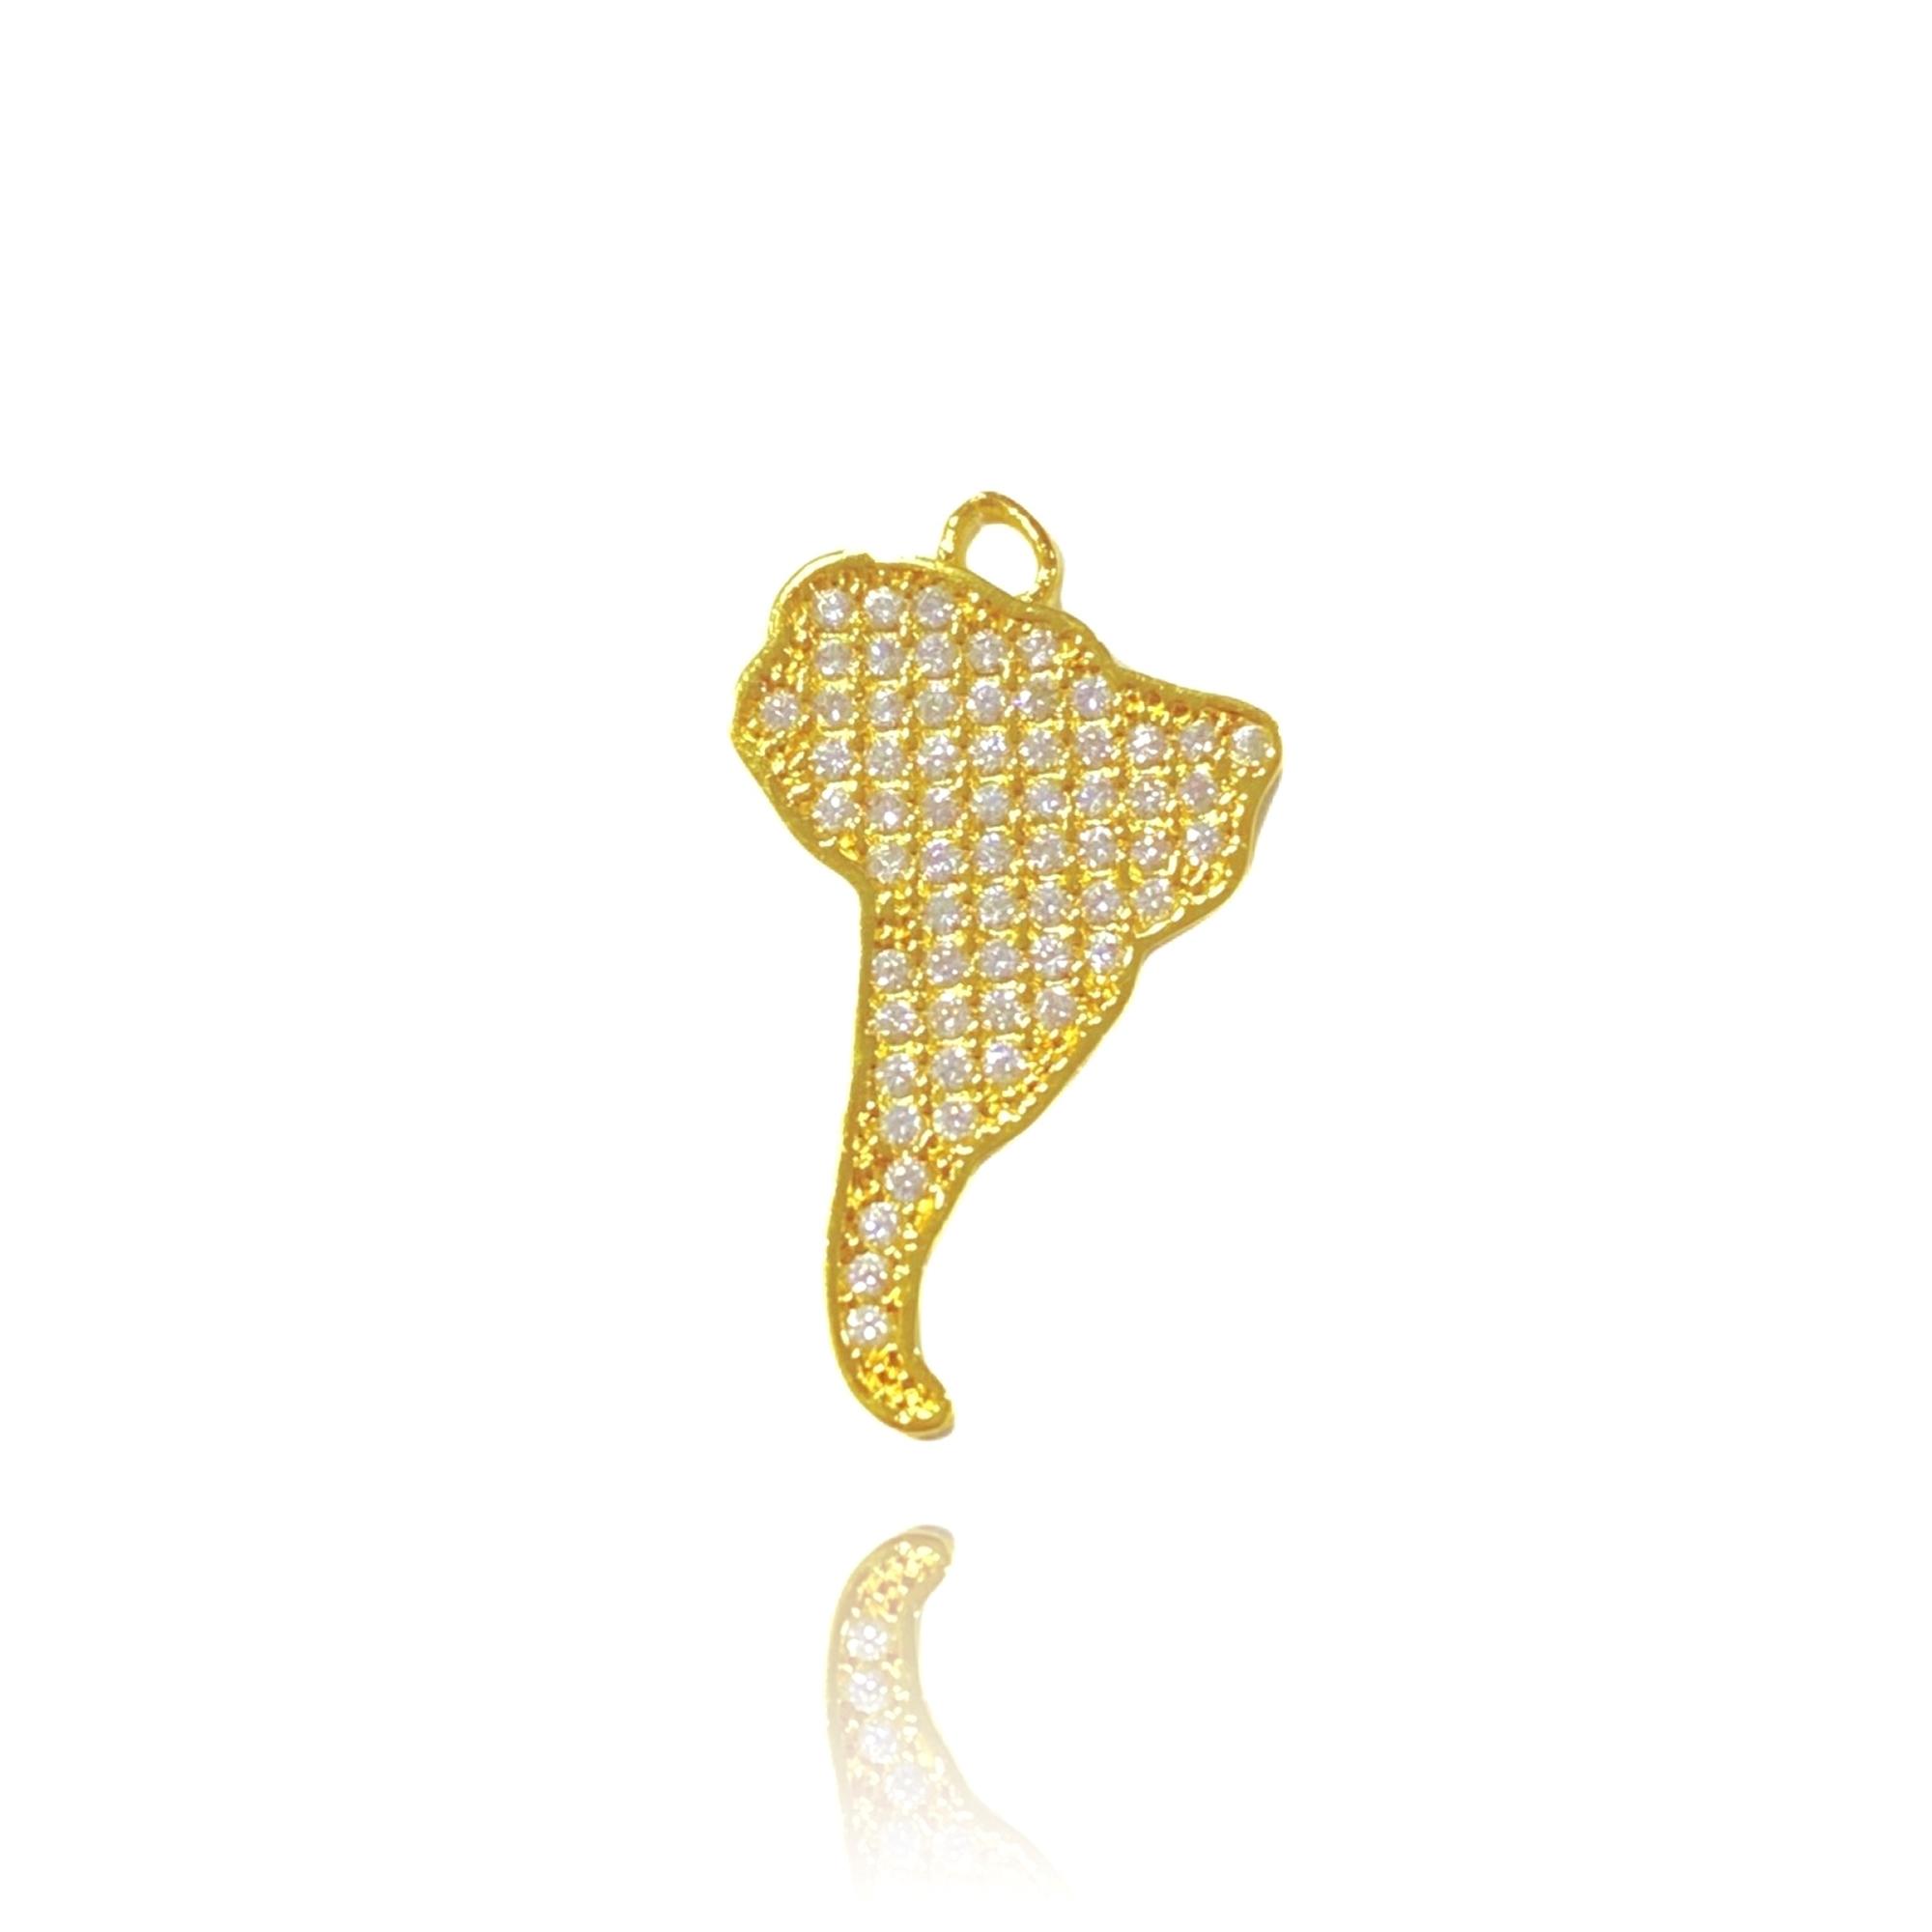 Pingente América do Sul Cravejado em Zircônia (2,9cmX1,7cm) (Banho Ouro 24k)